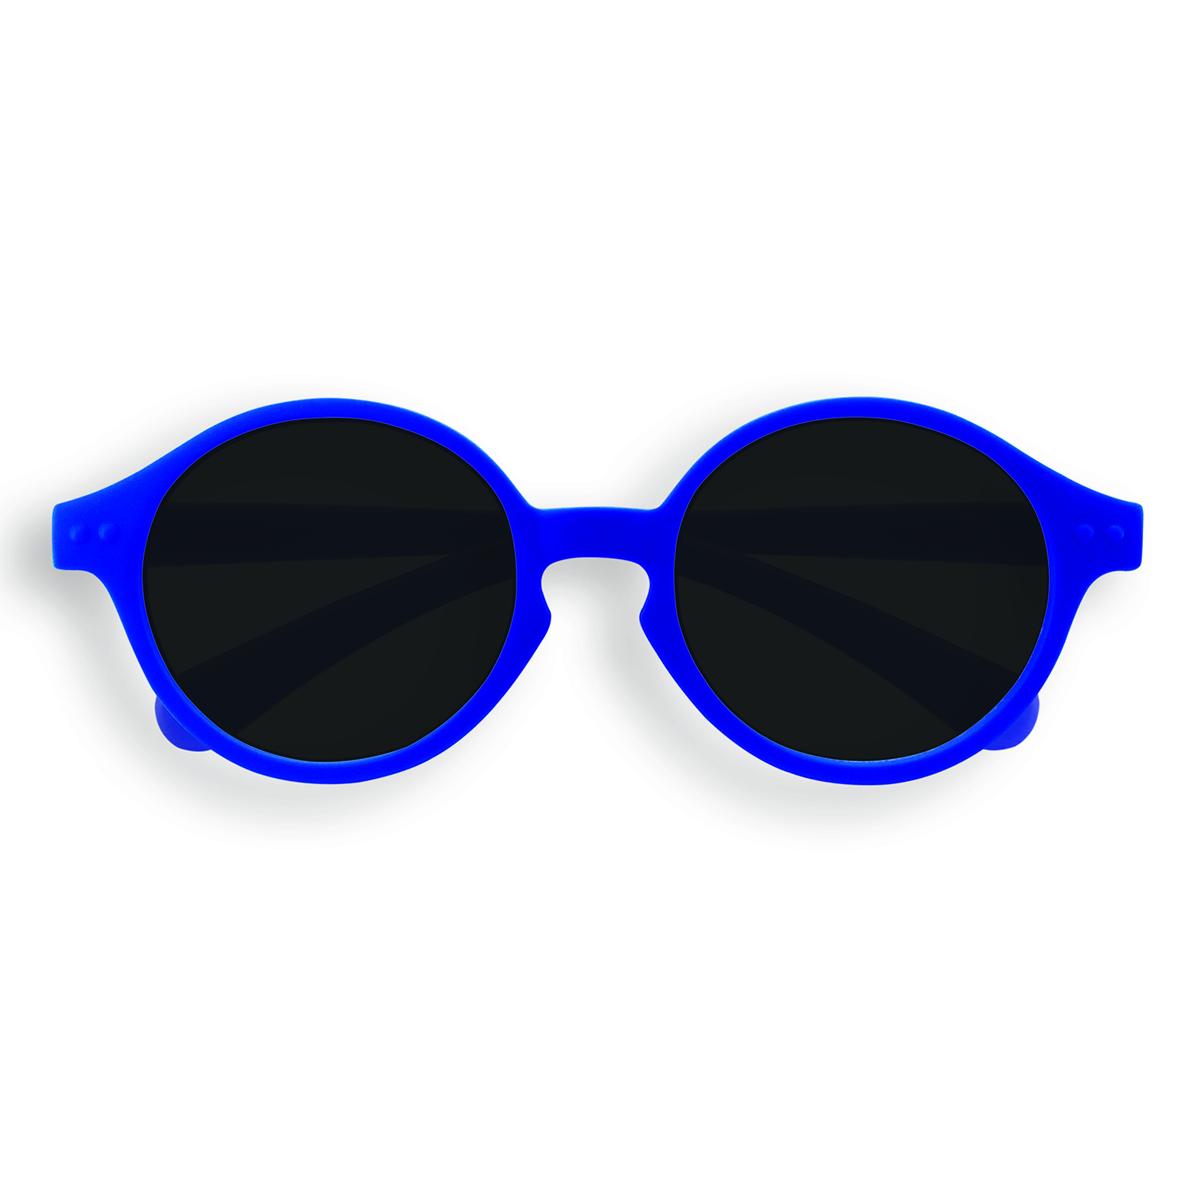 Accessoires bébé Lunettes de Soleil Marine Blue - 0/12 Mois Lunettes de Soleil Marine Blue - 0/12 Mois